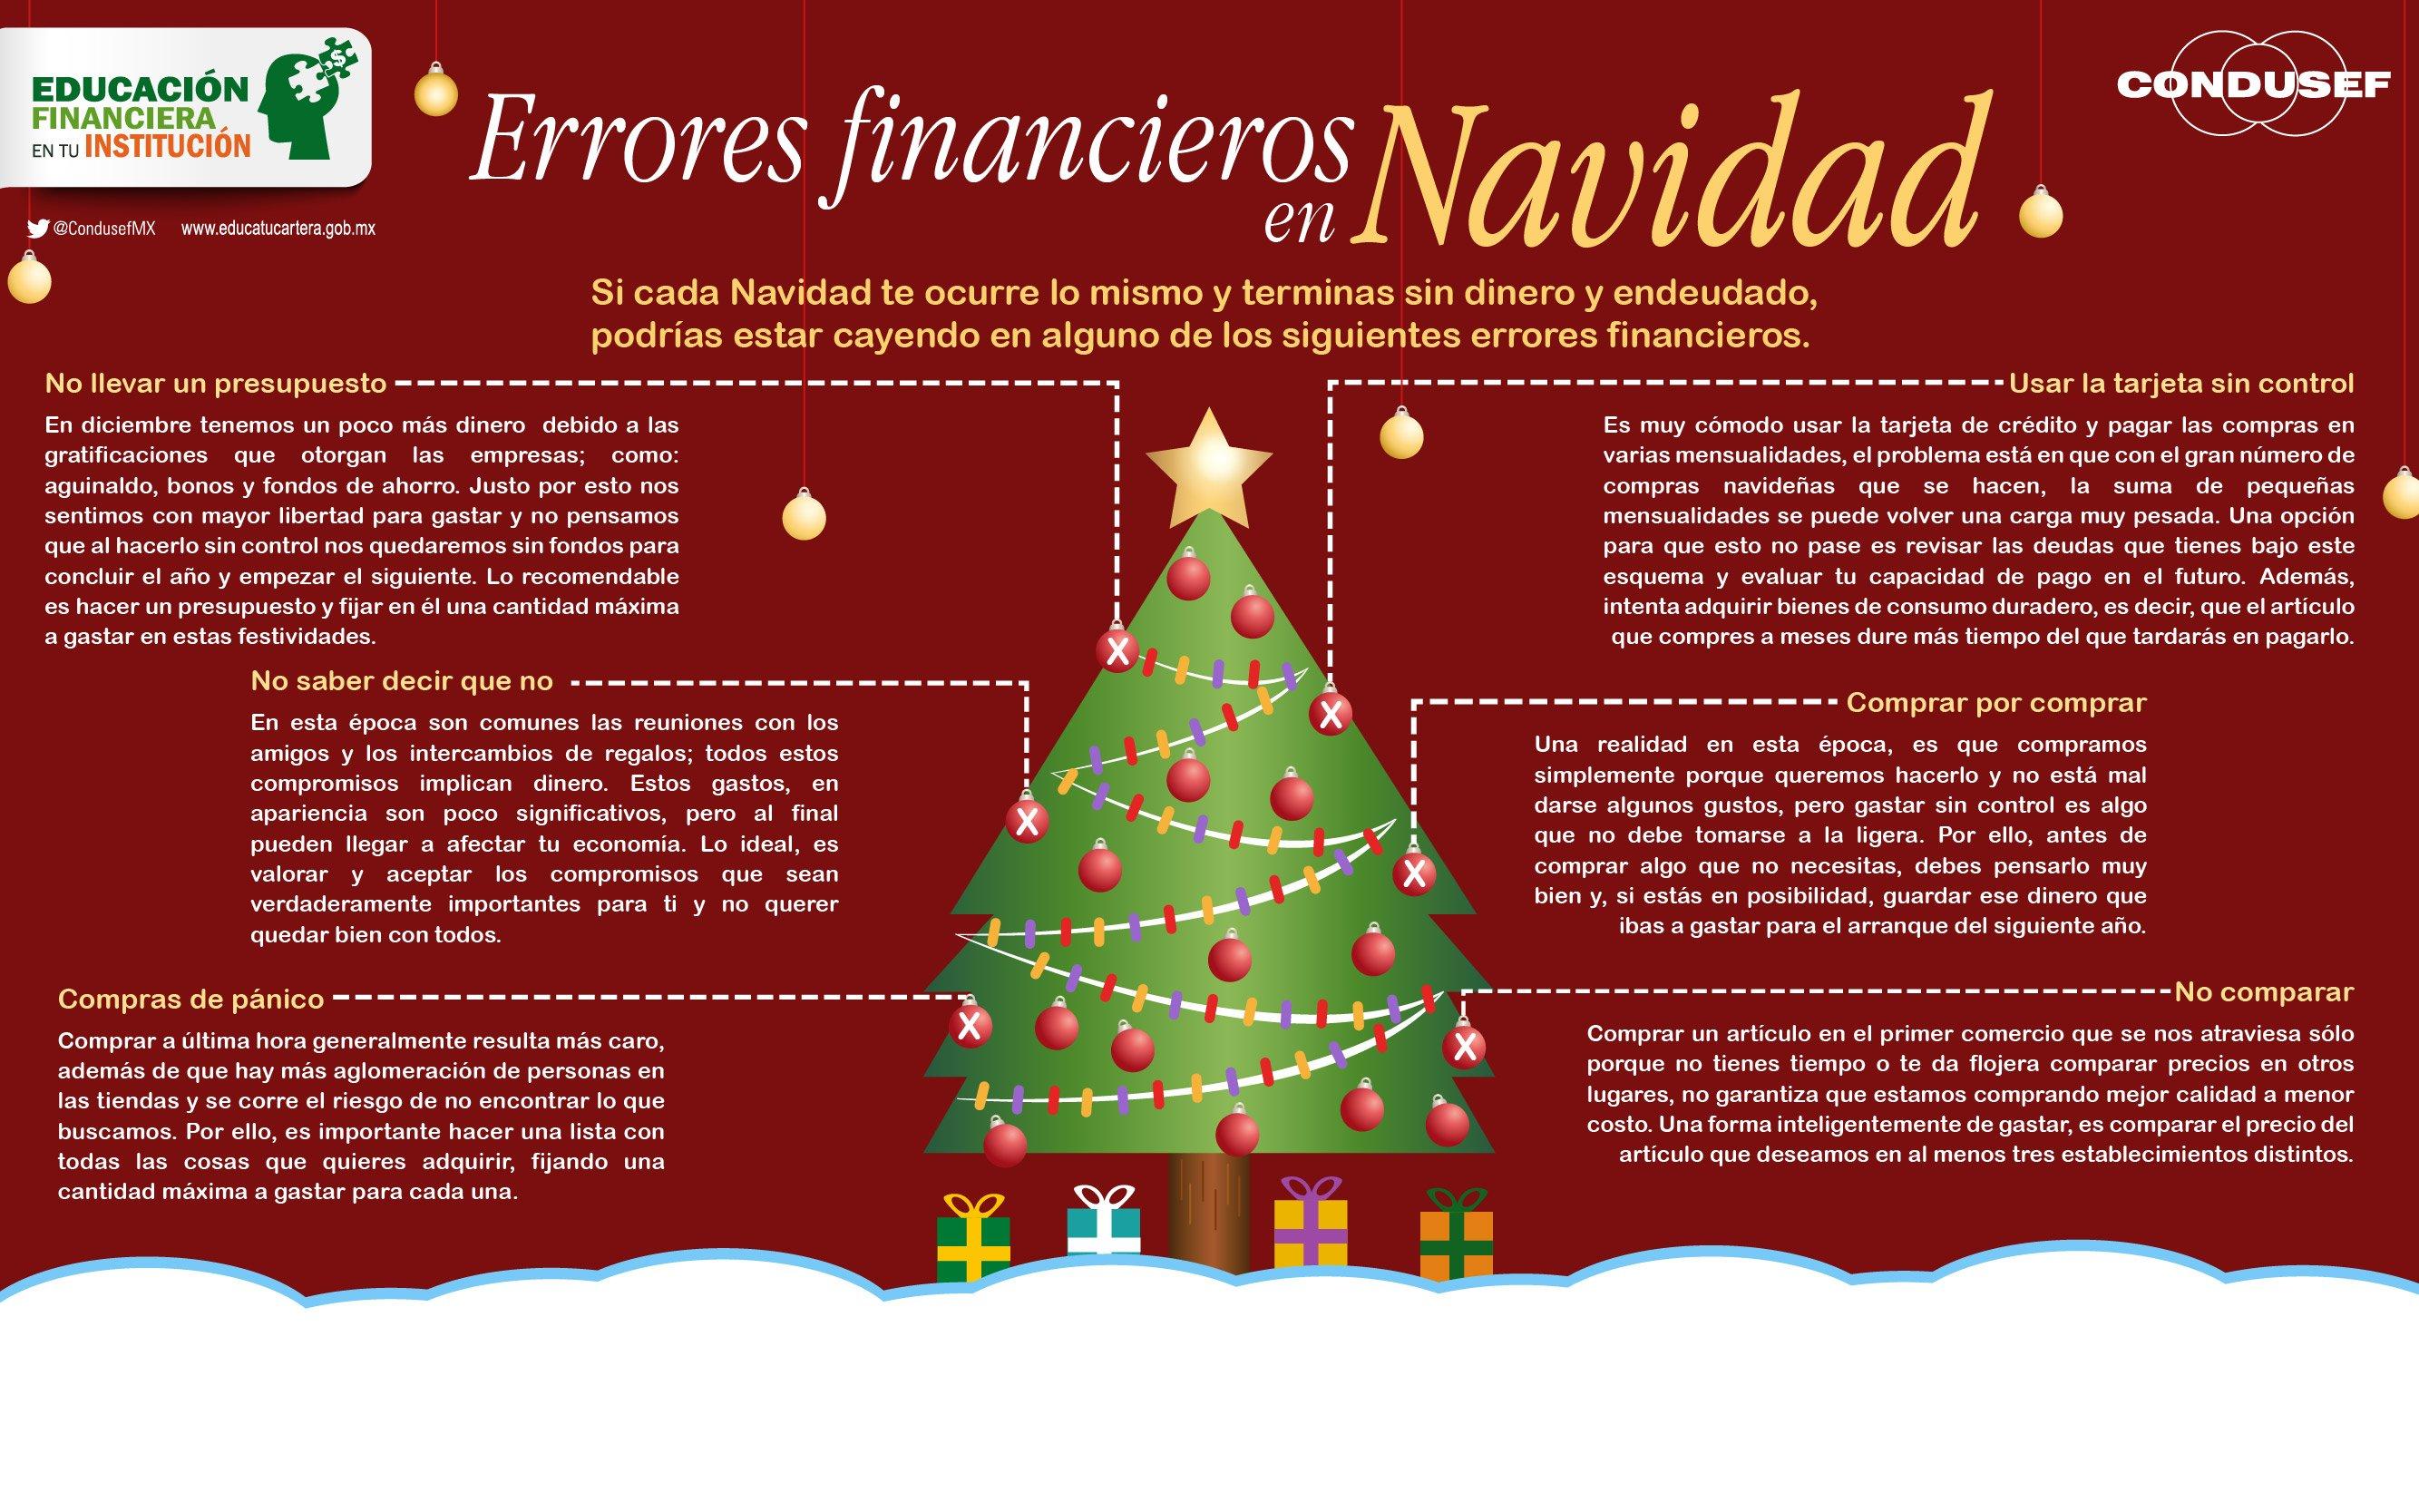 Errores financieros en Navidad